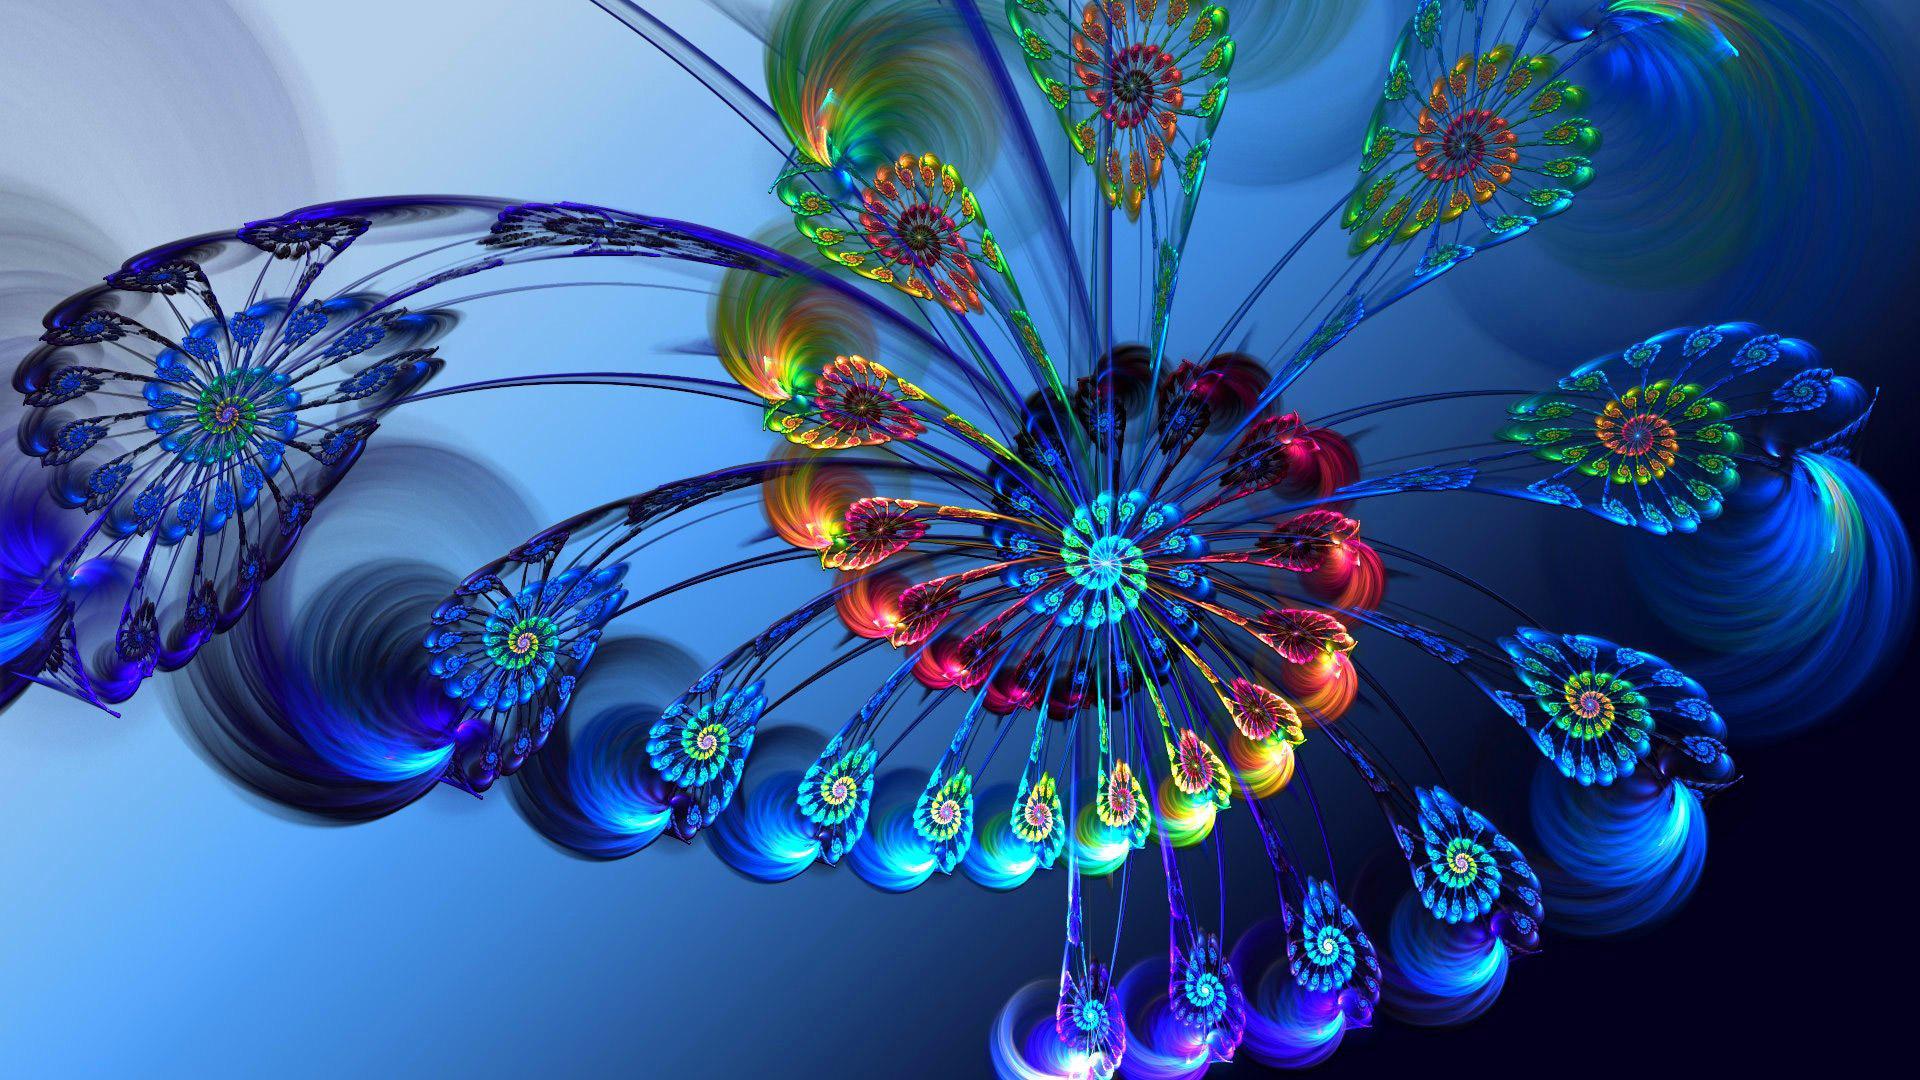 美しい孔雀の羽のhd Iphone 5s壁紙hd 19x1080 Wallpapertip